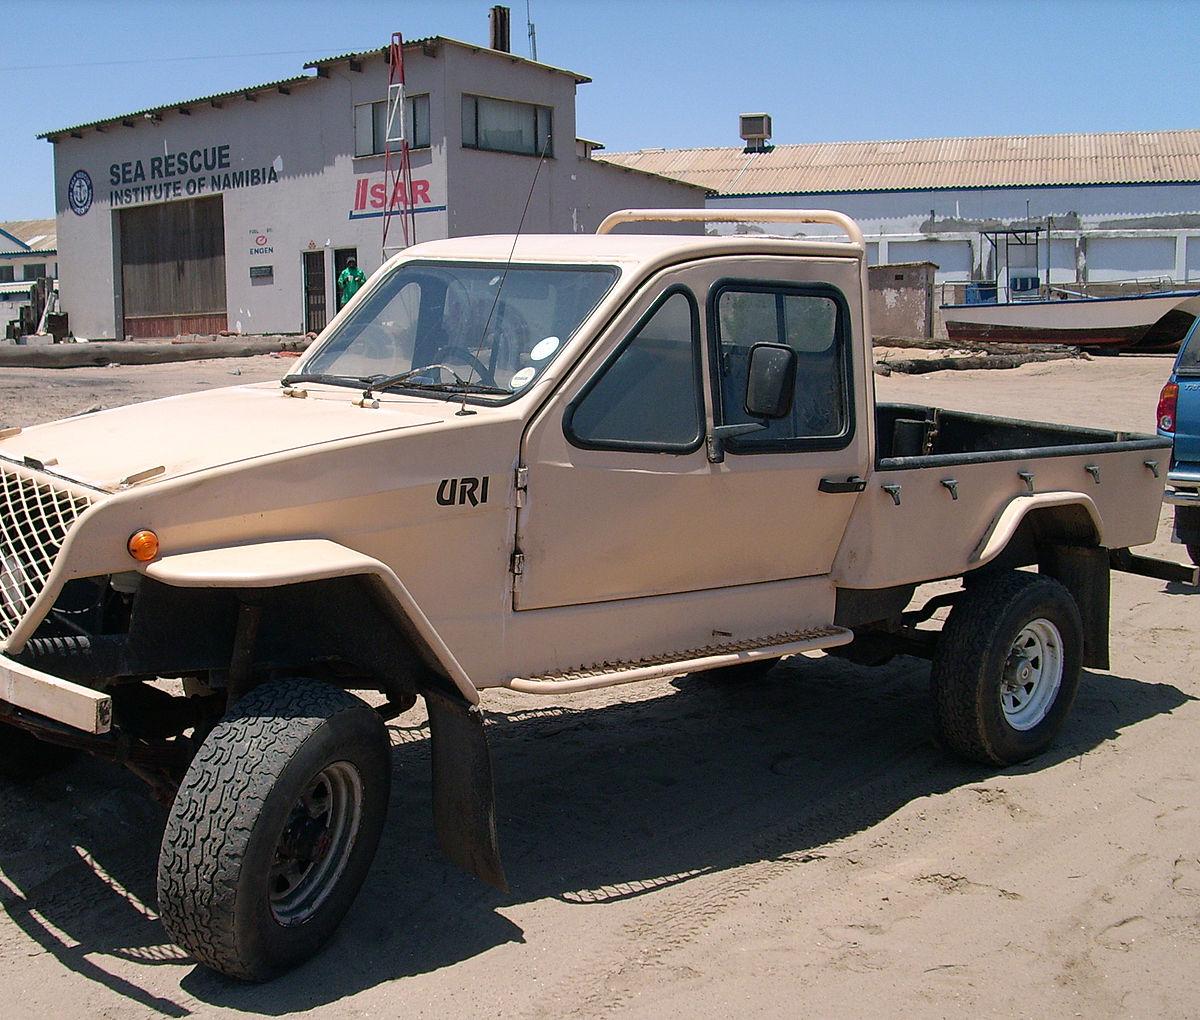 Uri International Vehicle Amp Equipment Marketing Wikipedia